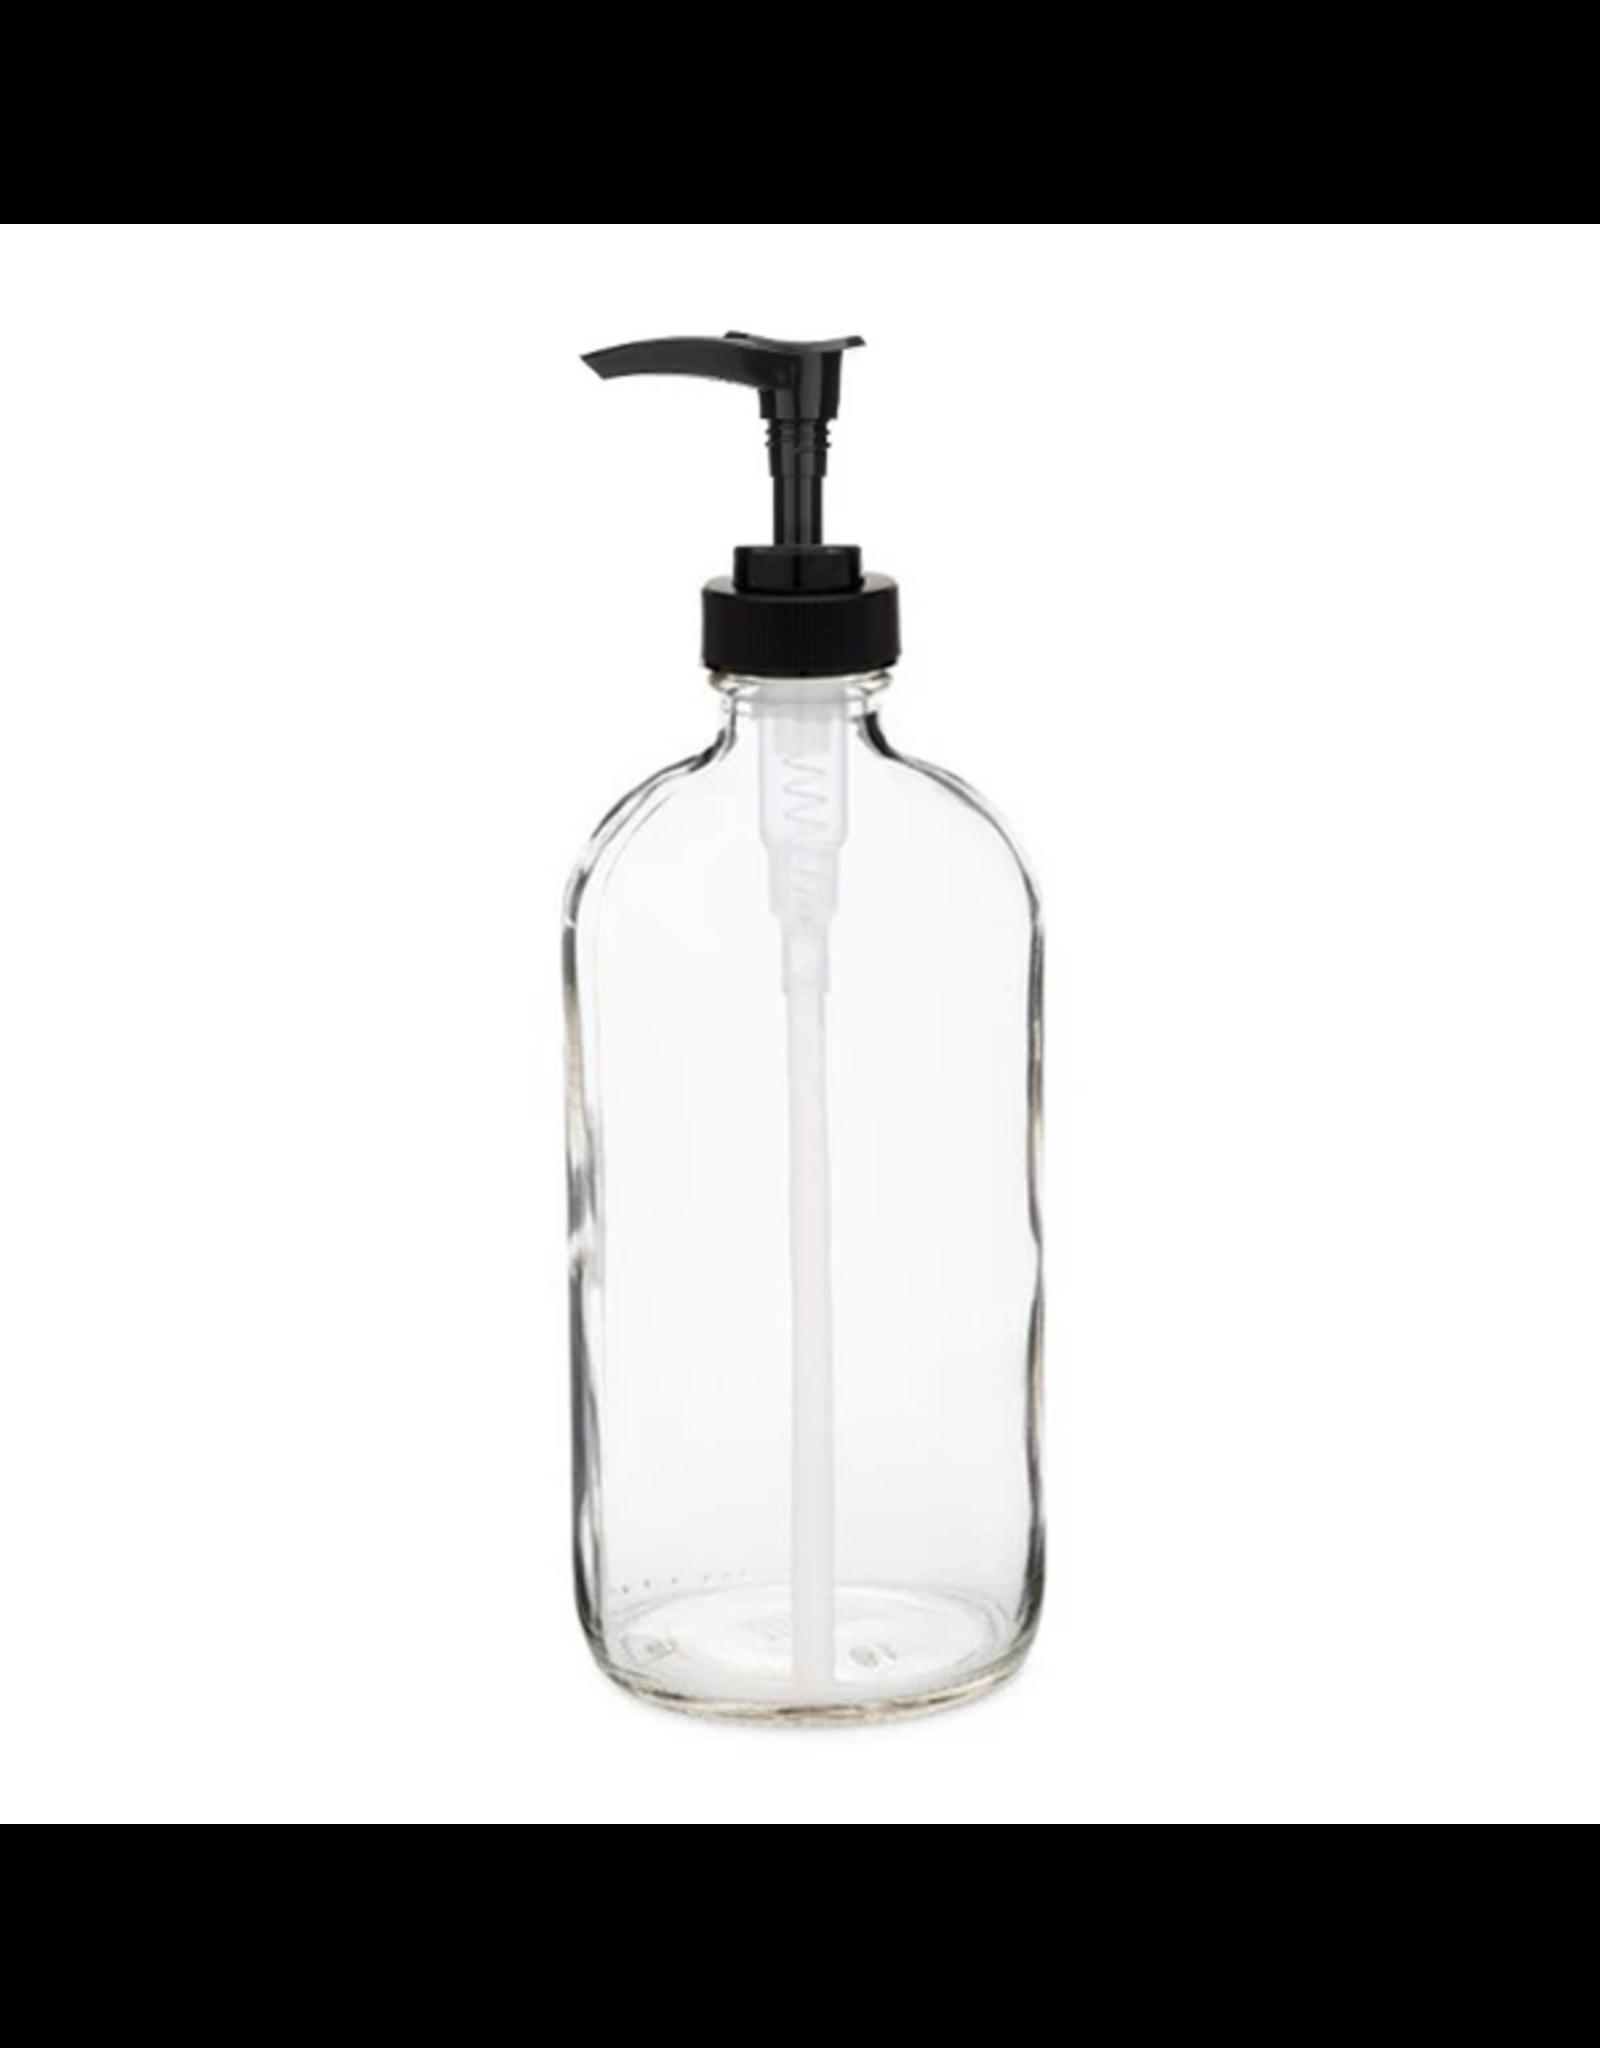 Garden City Essentials 16 oz Glass Pump Bottle